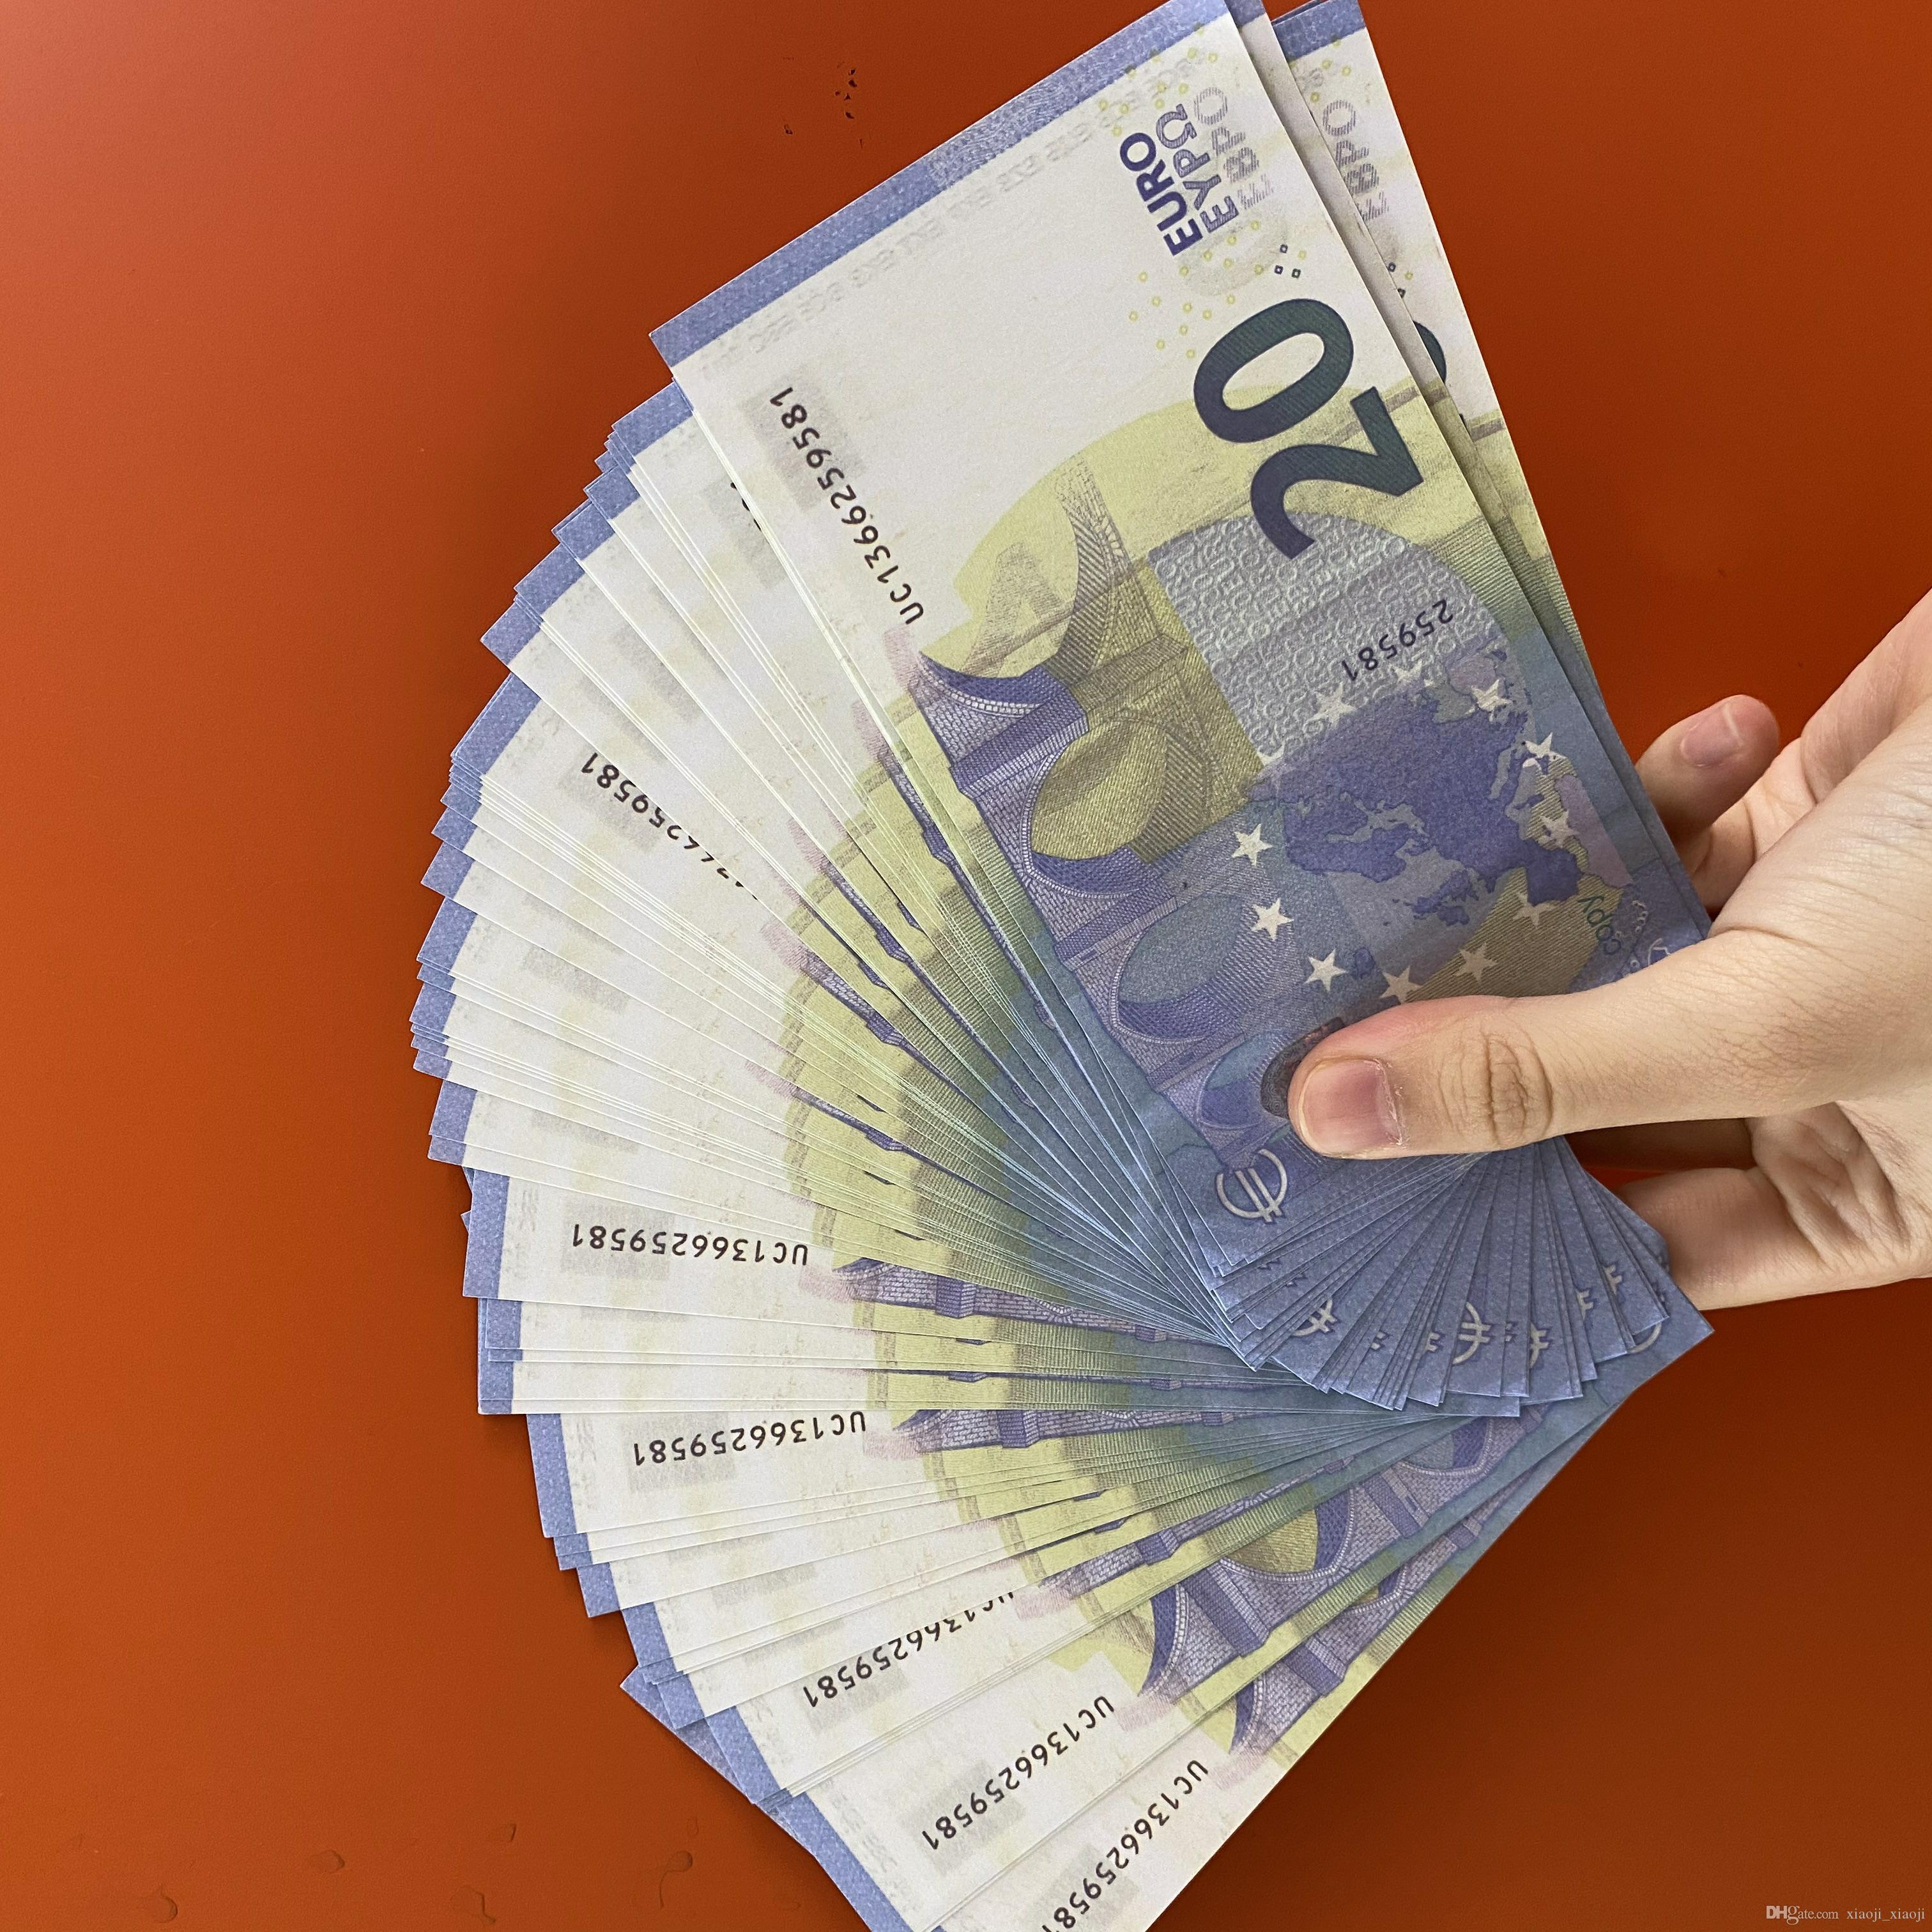 Heißgold-Prop-Kopie Geld Euro Verkauf gefälschter Banknoten-Papier 10/20/50 / 100/200 / 500 Euro Banknote Preis Banknoten-Taschen 09 Qbolx